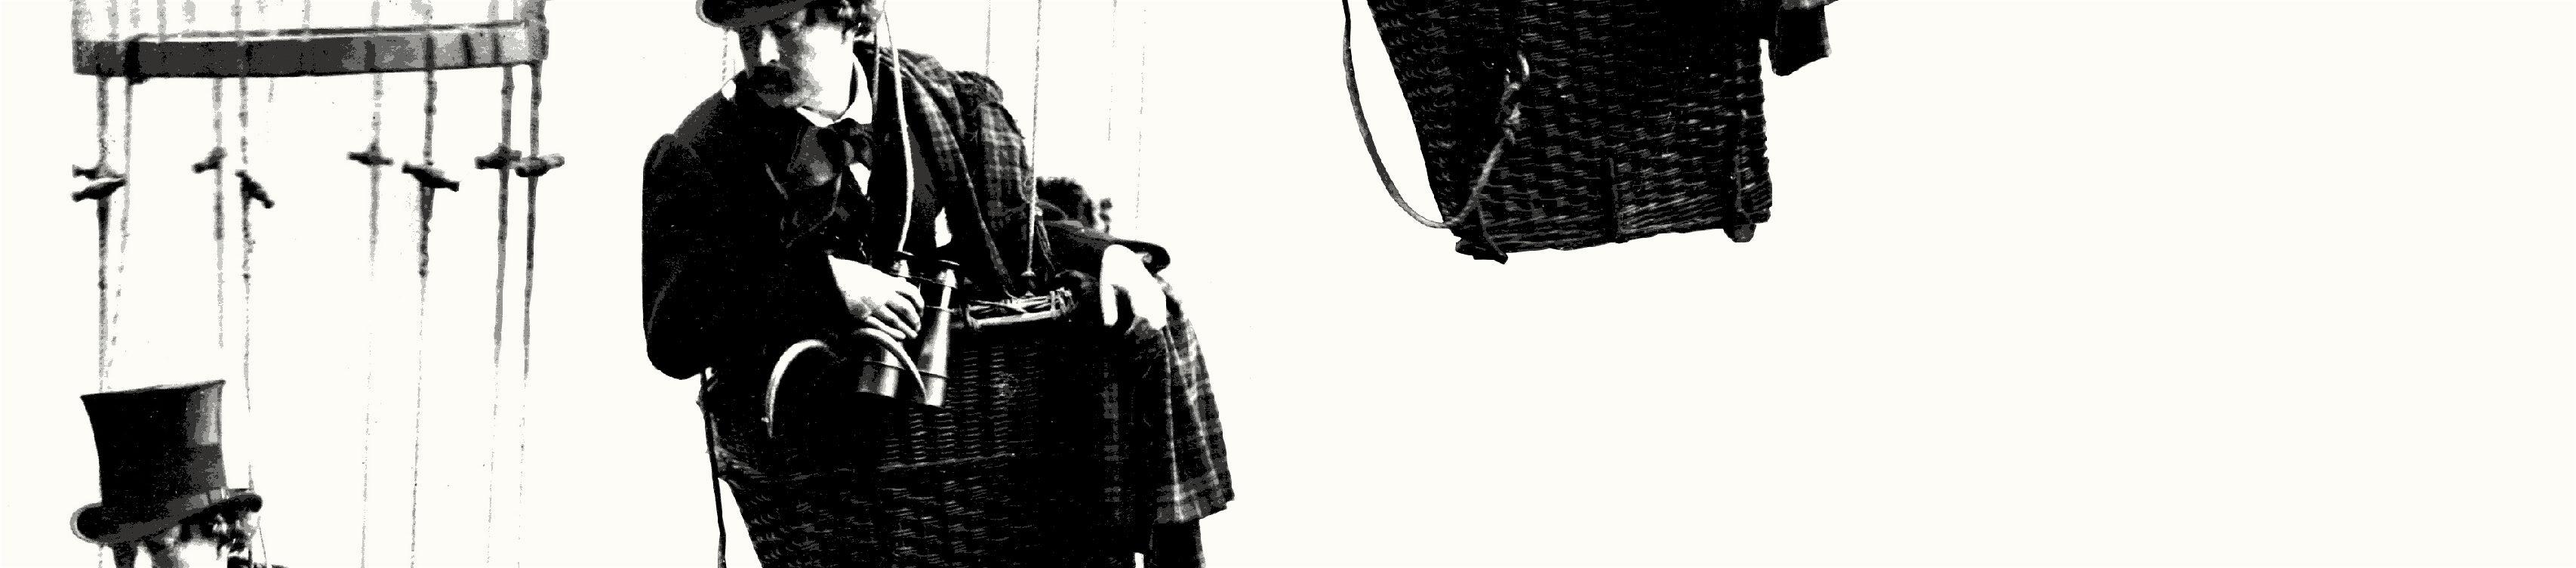 Ο Άρχοντας της Μάντσας: Για τον «Δον Υπαστυνόμο» του Δημήτρη Καρακίτσου